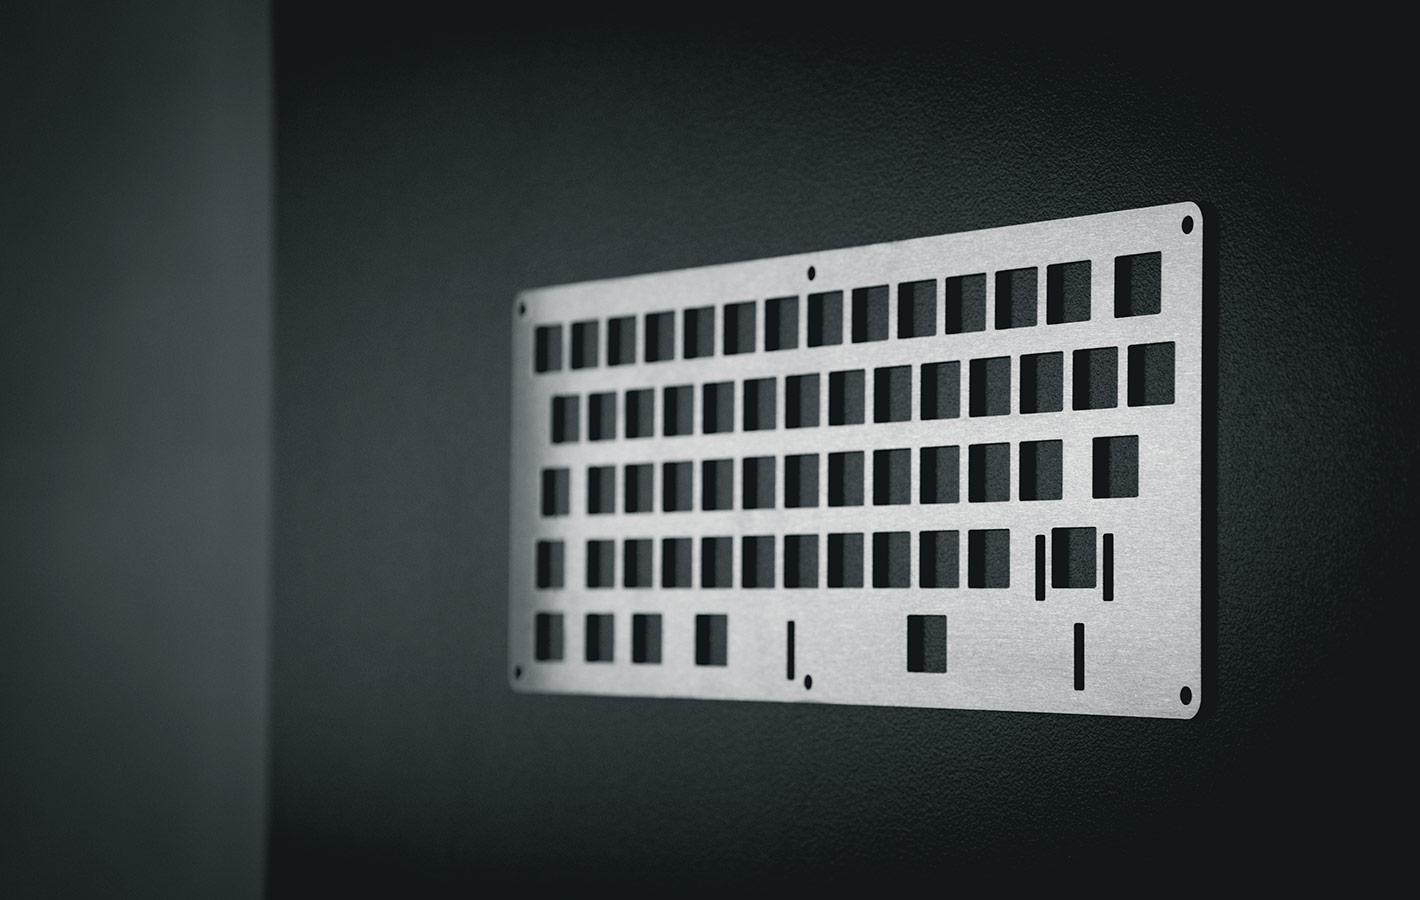 Laser cut keyboard plate by Lasergist